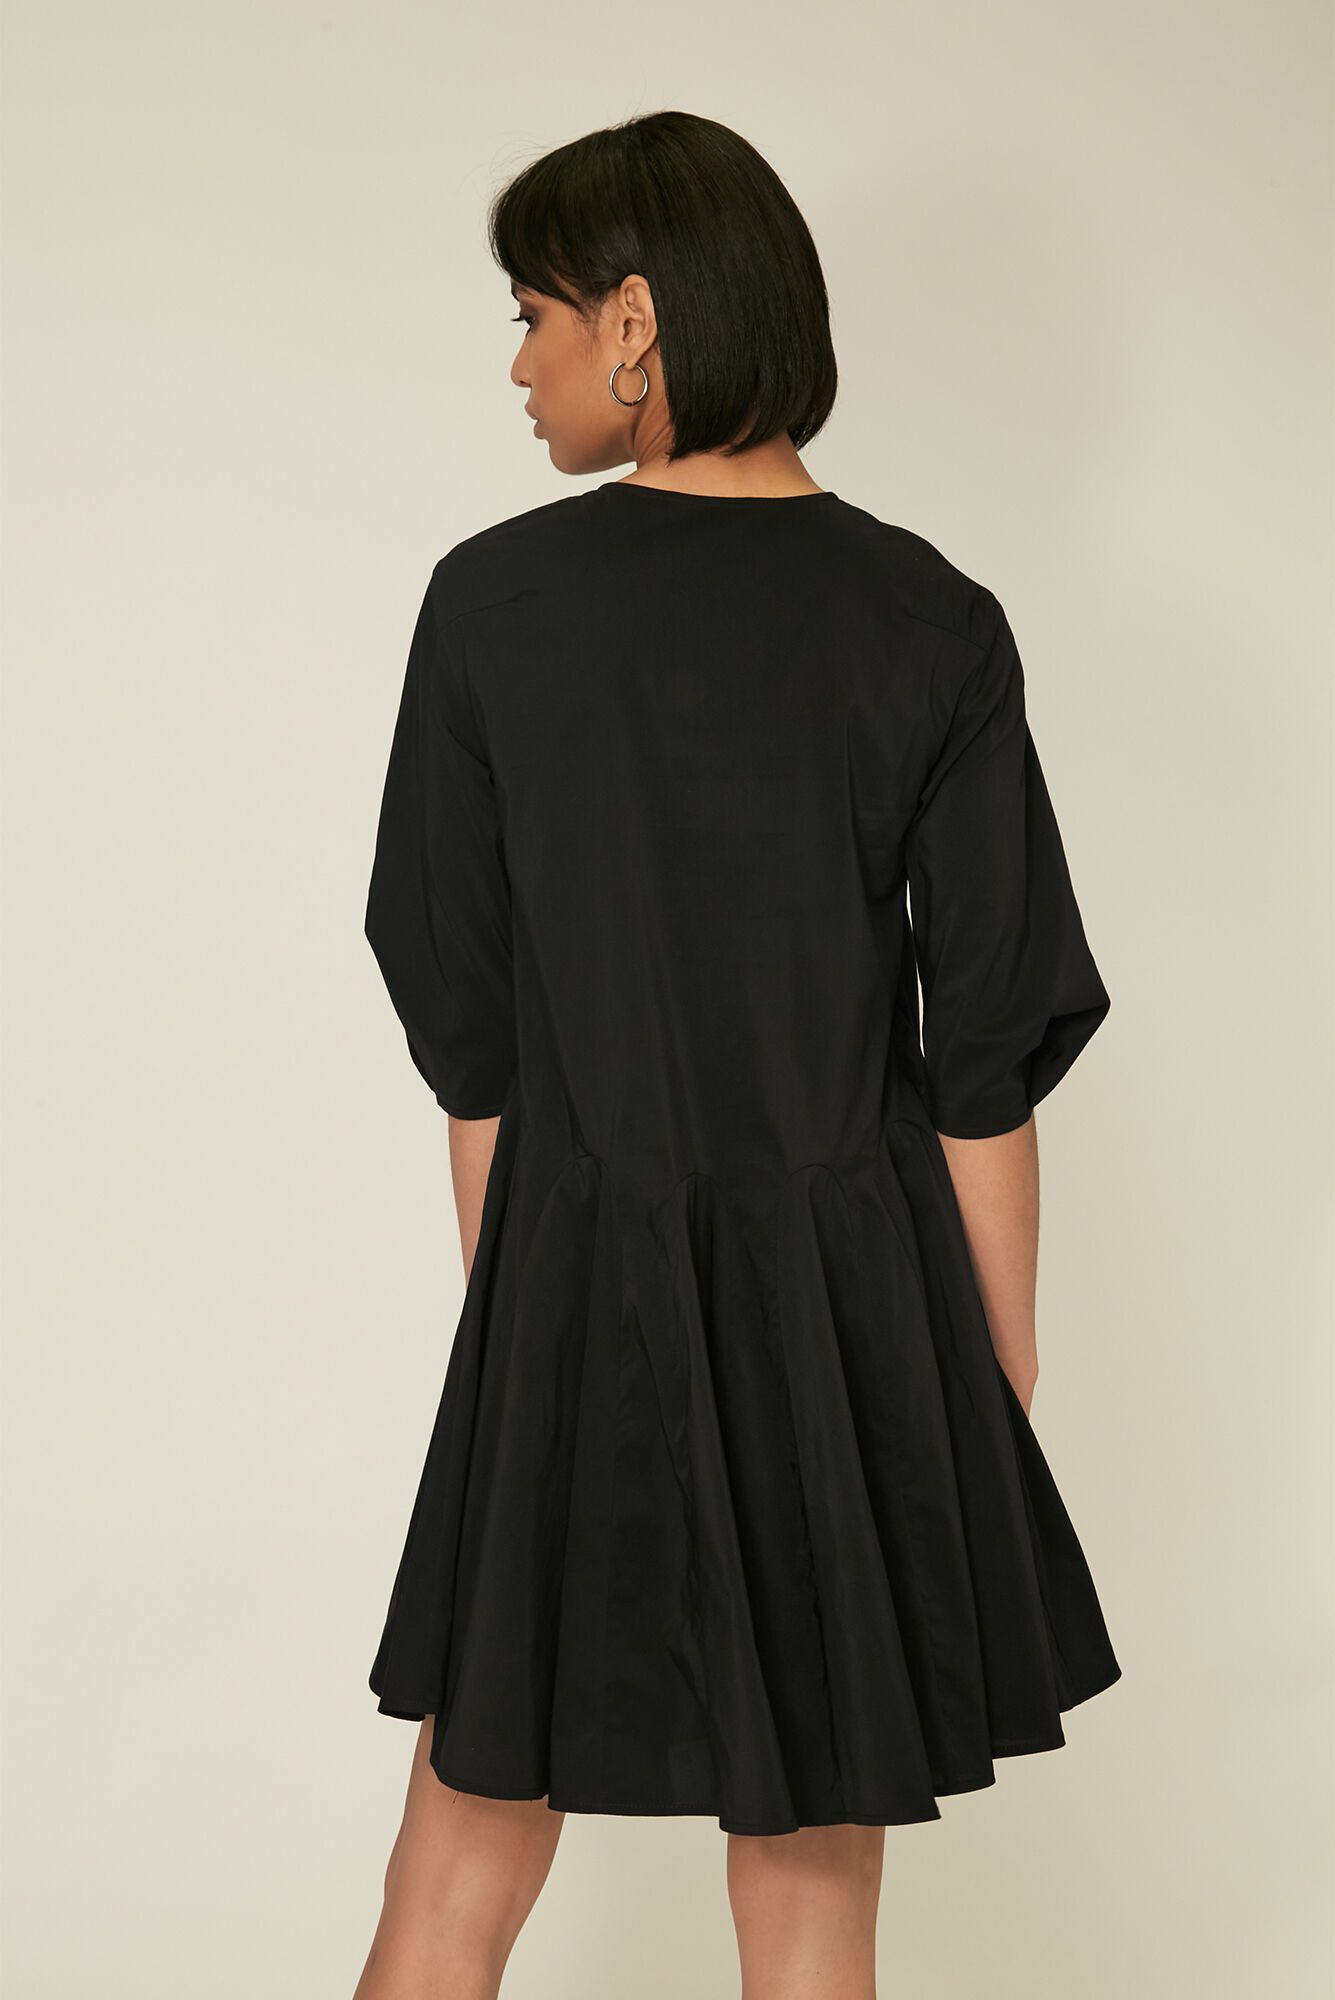 Андре Тан продемонстрировал модное платье на лето 2021